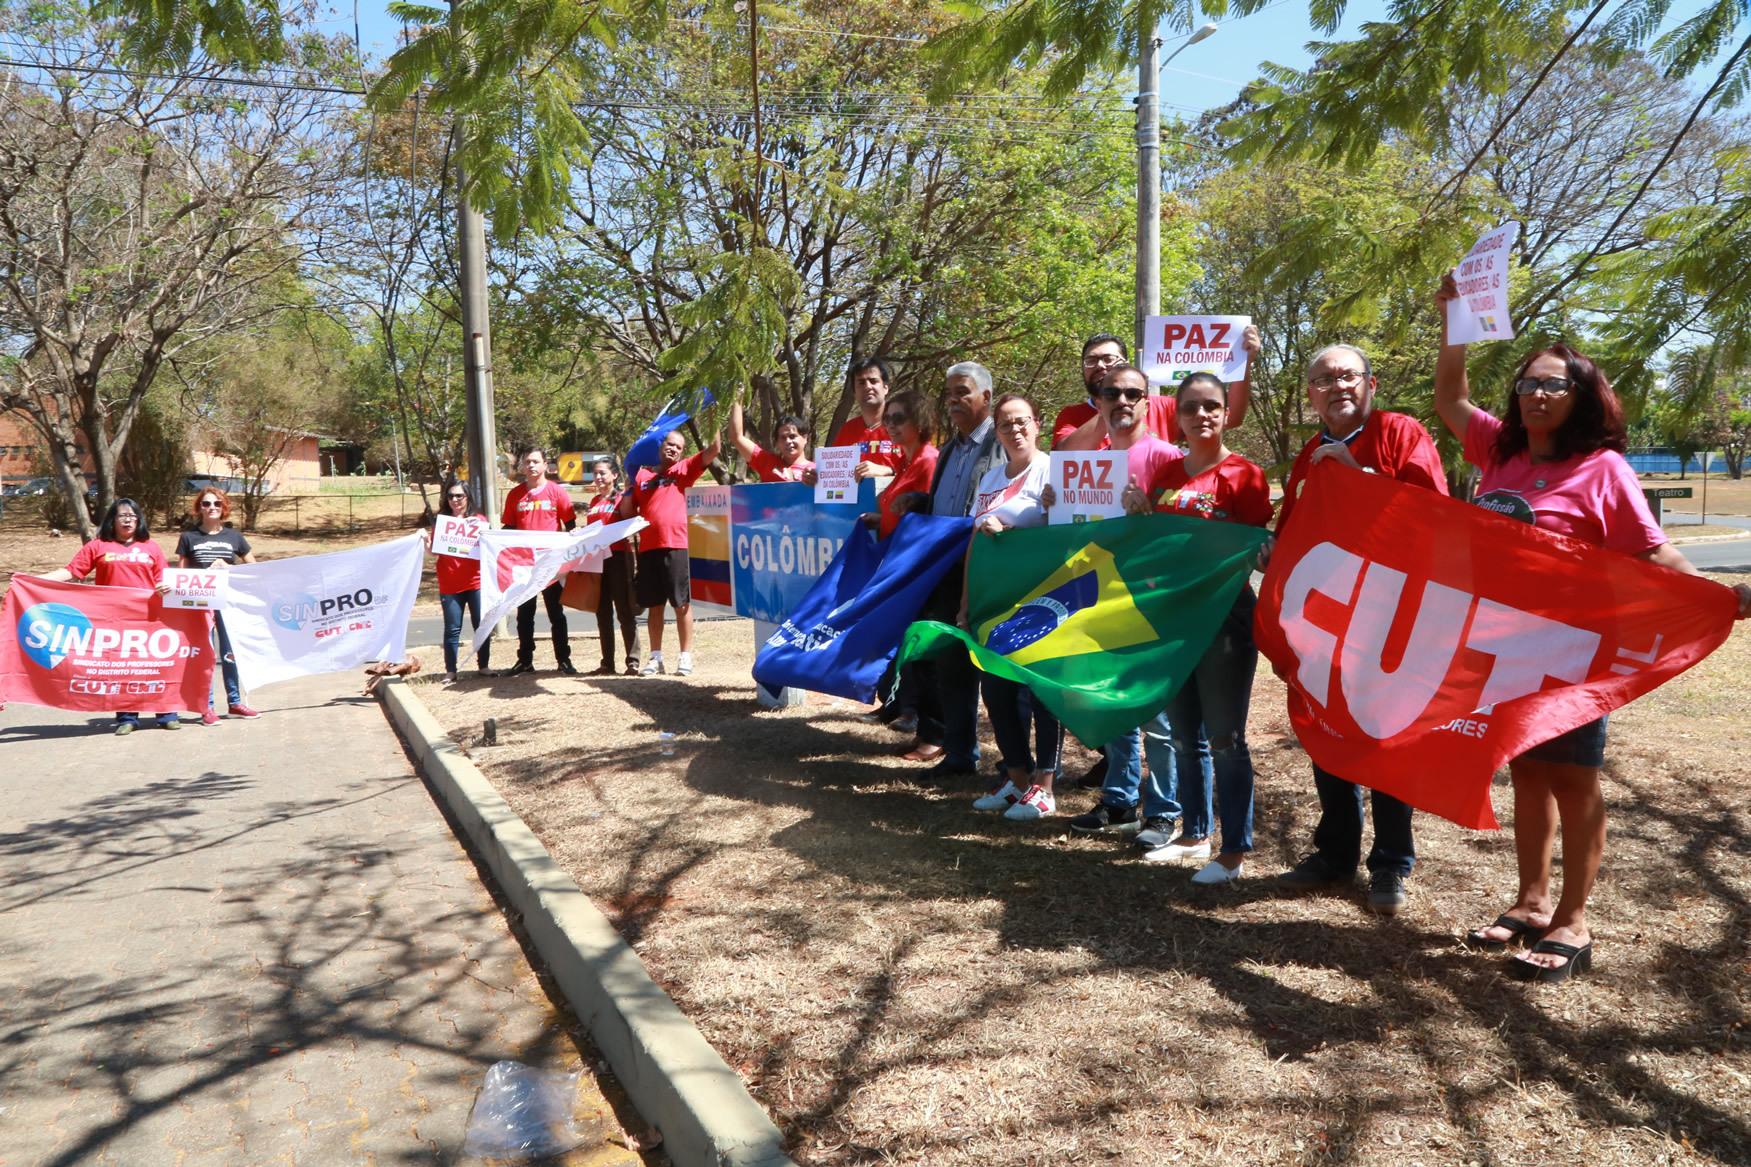 2019.09.12-Ato-Embaixada-Colombia_fotos-ECOM-22